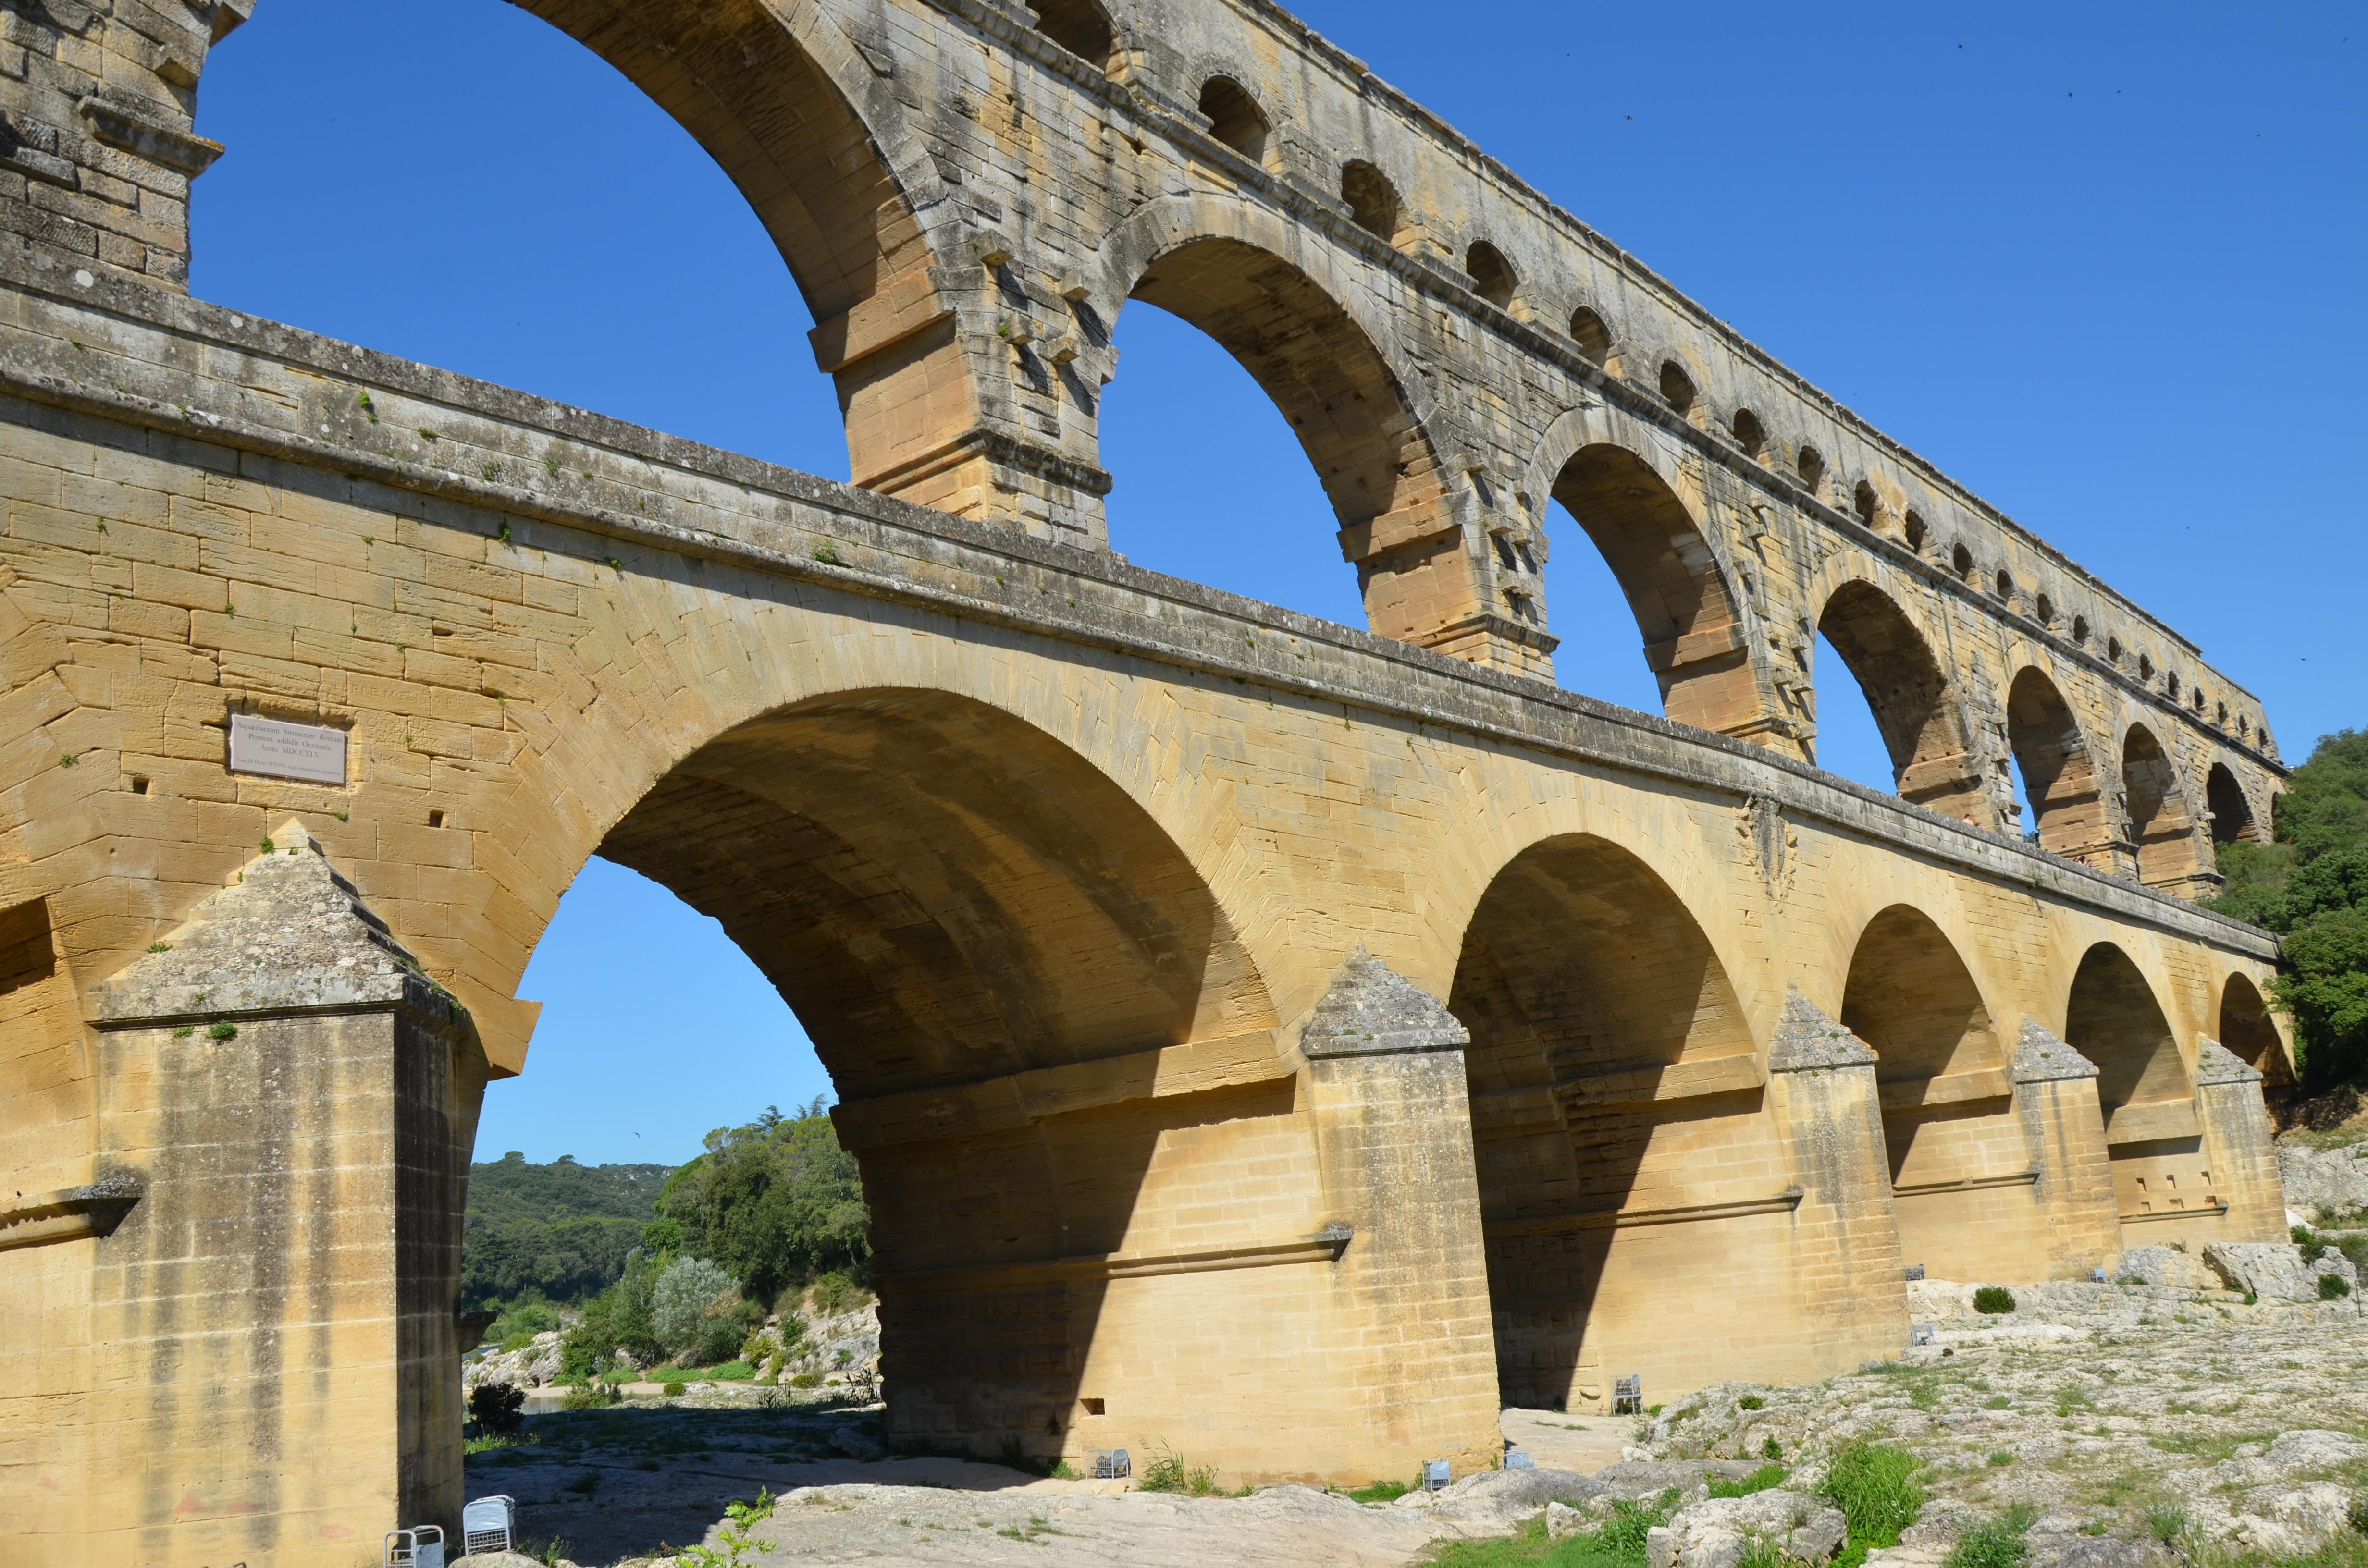 file pont du gard a 40 60 ad roman aqueduct bridge that crosses